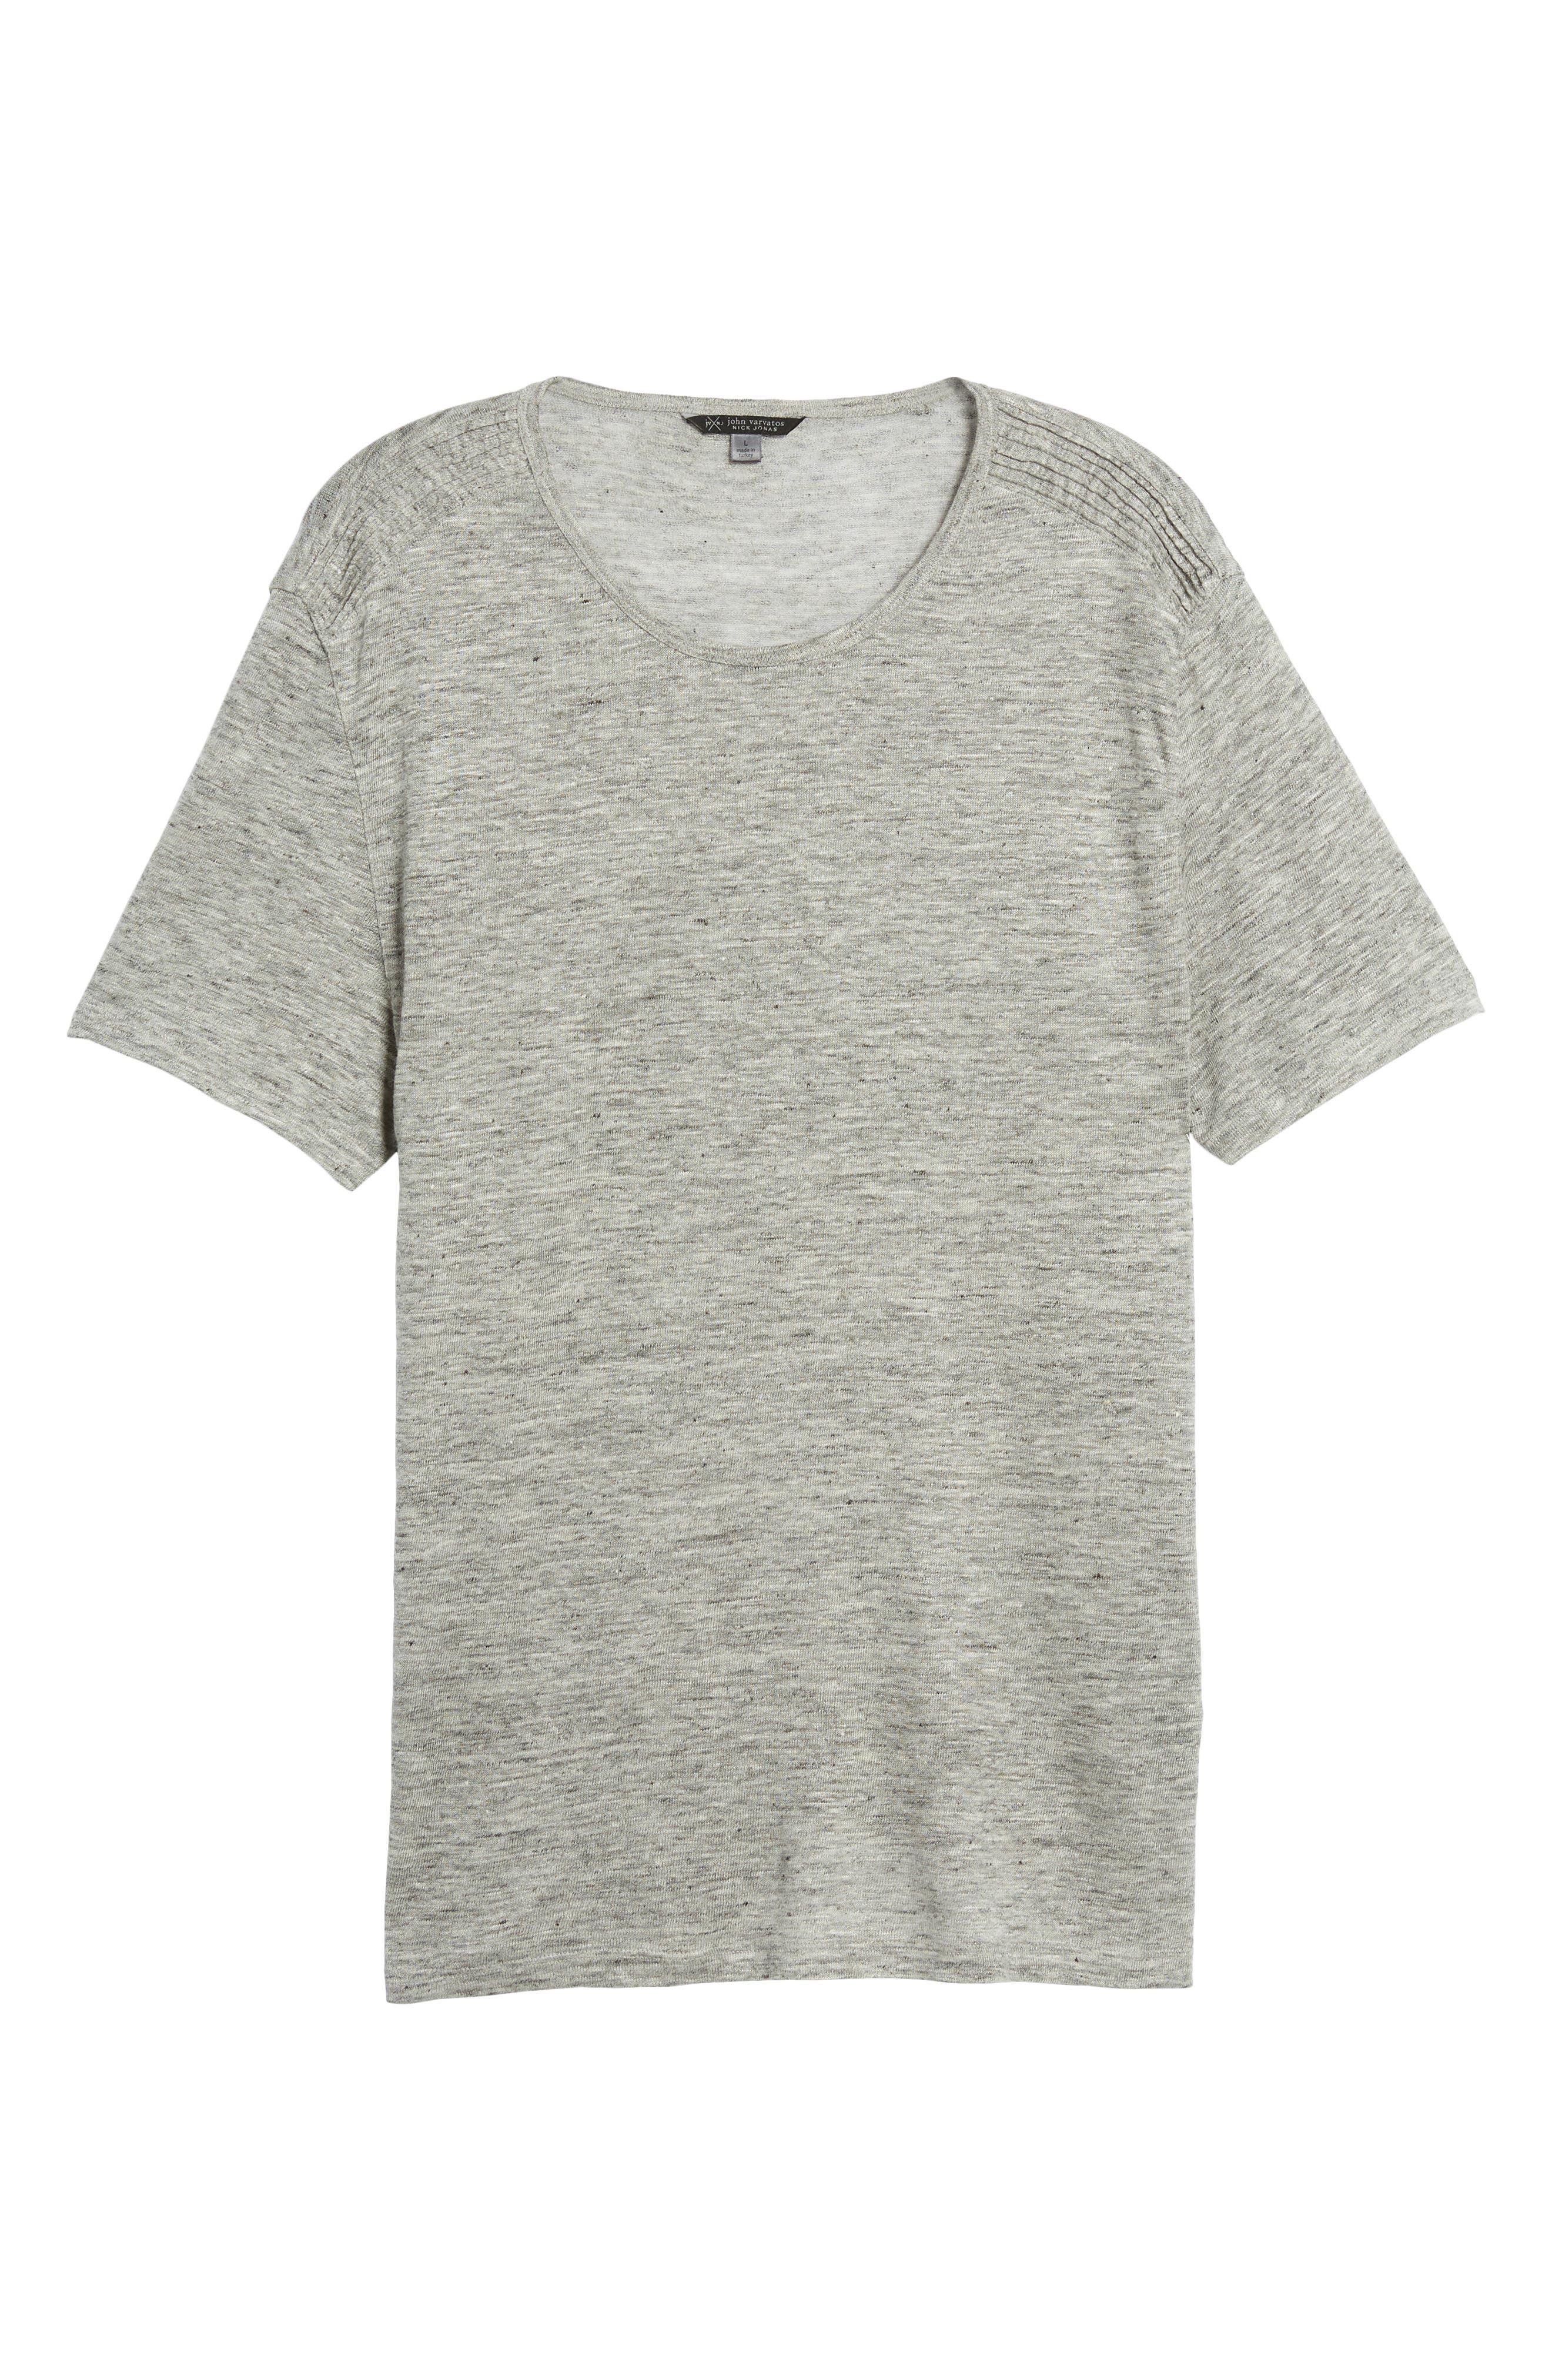 John Varvatos x Nick Jonas Linen T-Shirt,                             Alternate thumbnail 6, color,                             LIGHT GREY HEATHER